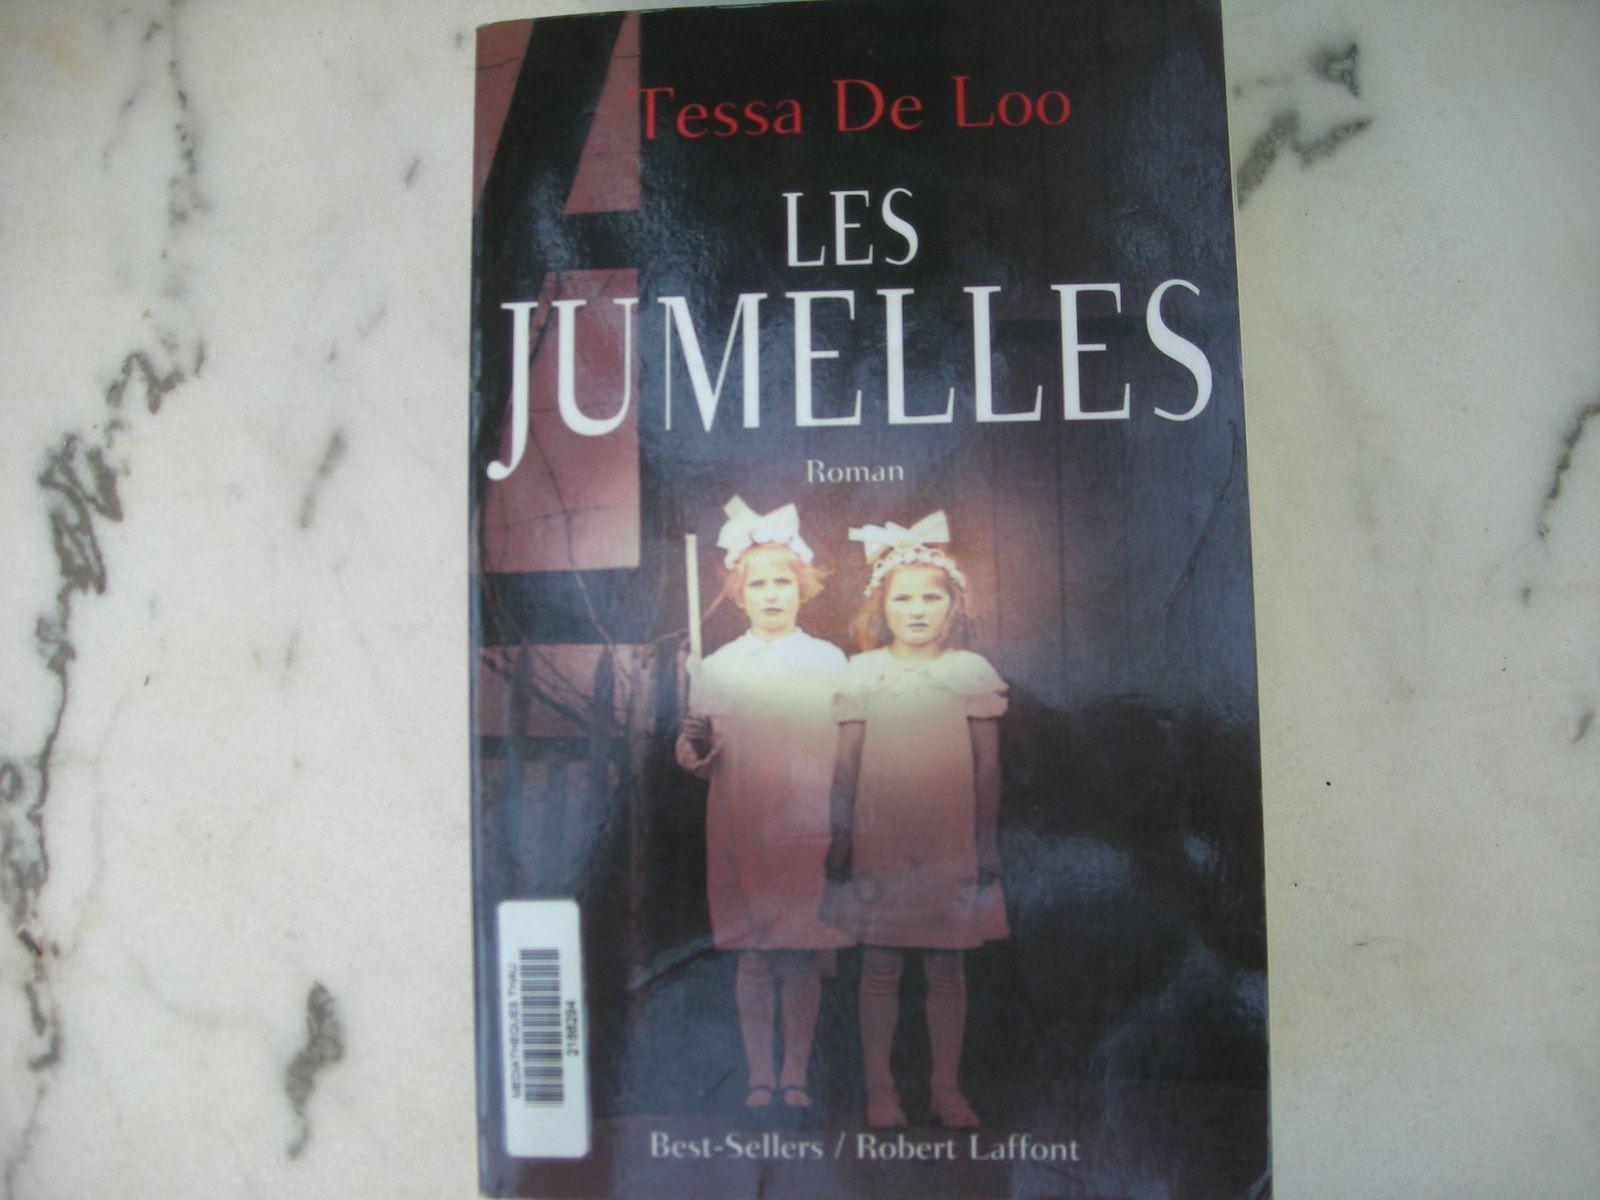 Les jumelles de Tessa De Loo